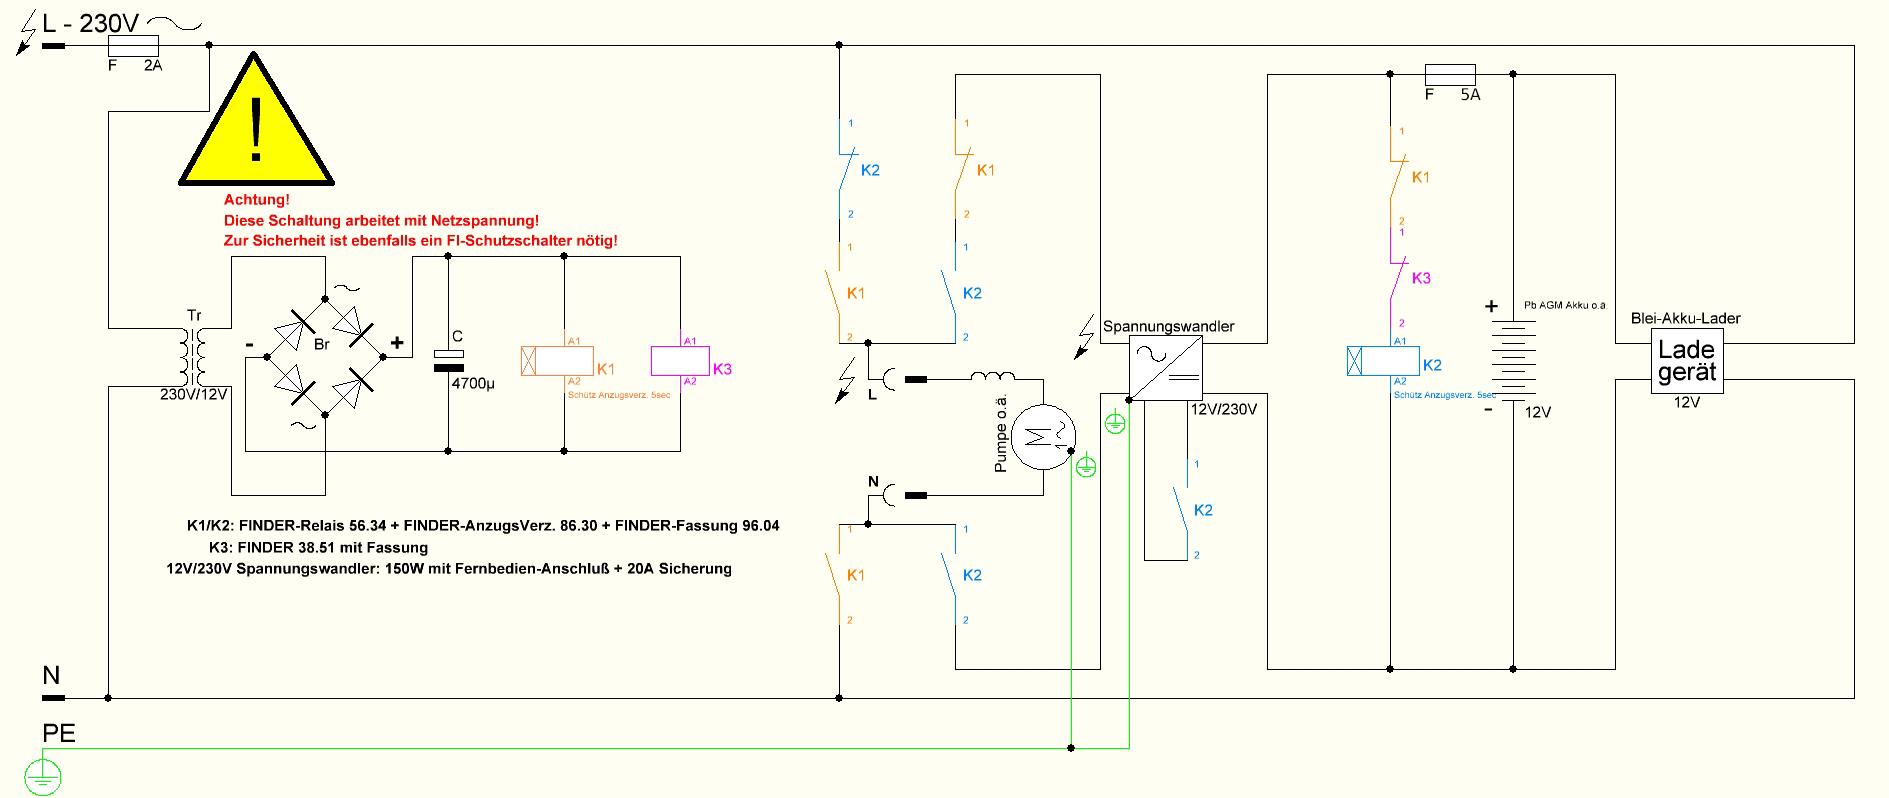 Großartig Wechselrichter 12 Volt Schaltplan Zeitgenössisch - Die ...